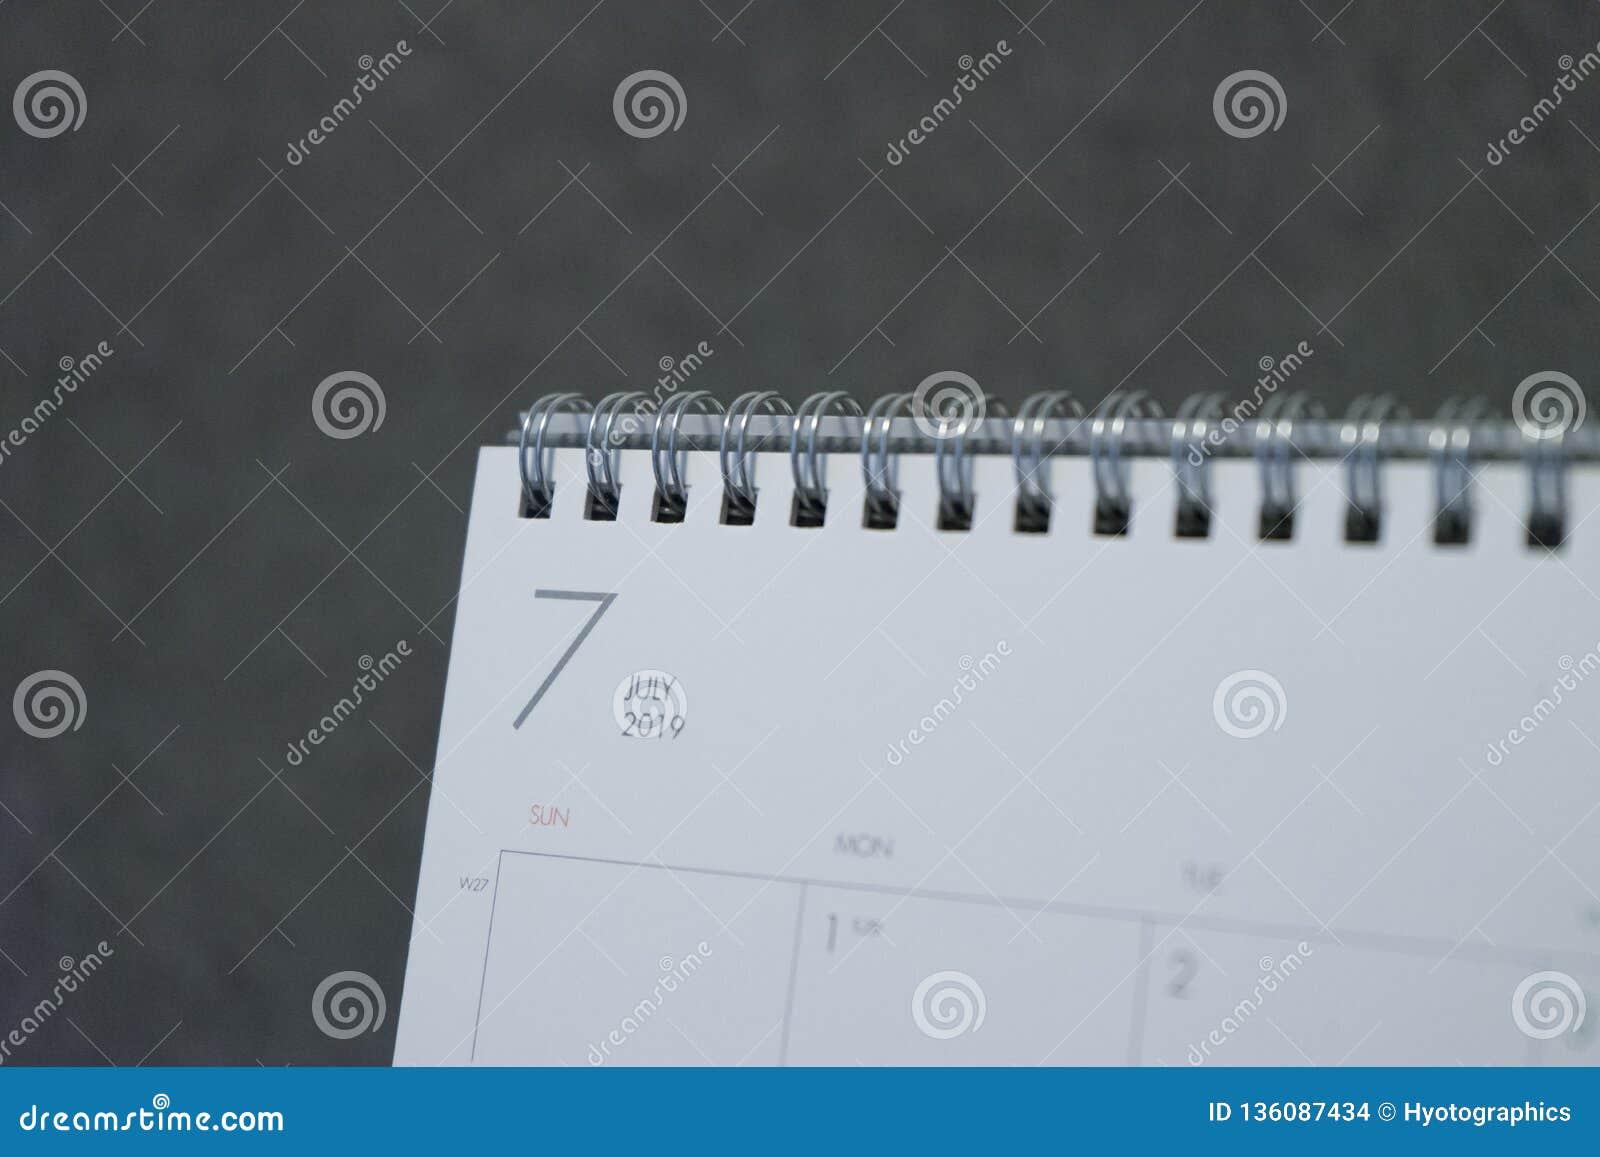 Письмо июль на календаре 2019